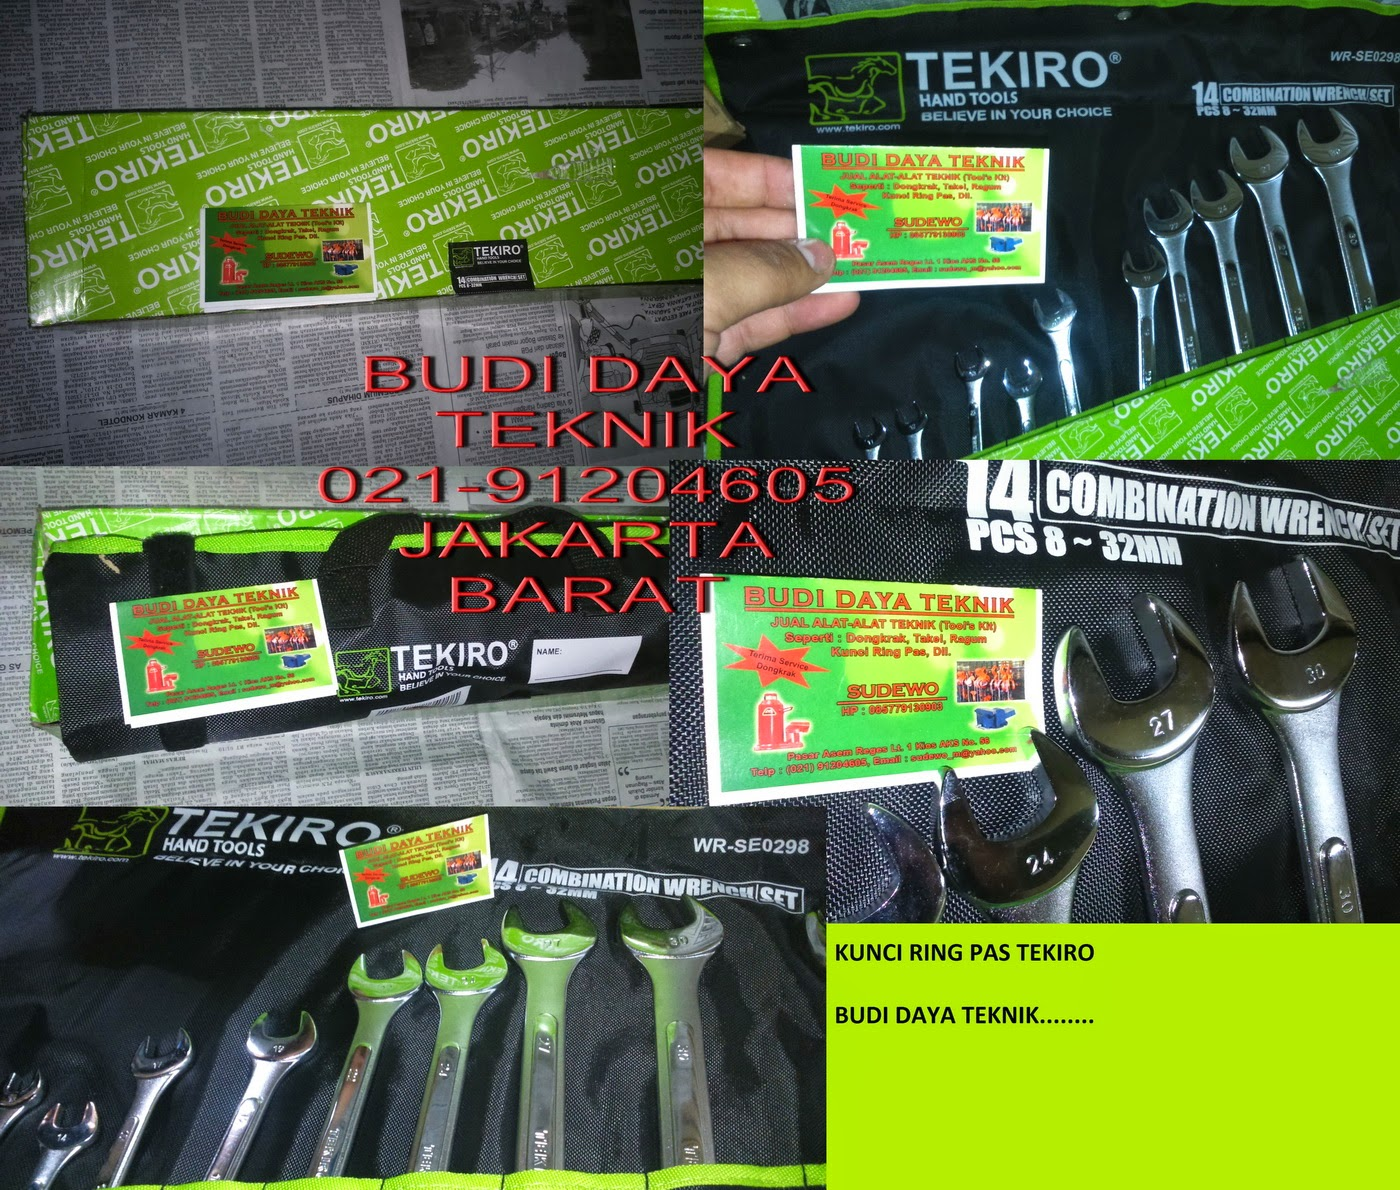 Jual Alat Teknik Terlengkap Seperti Dongkrak Tekiro Botol 20 Ton Kunci Ring Pas Set 8 24mm Rp250000 32mm Rp400000 3 1 Rp450000